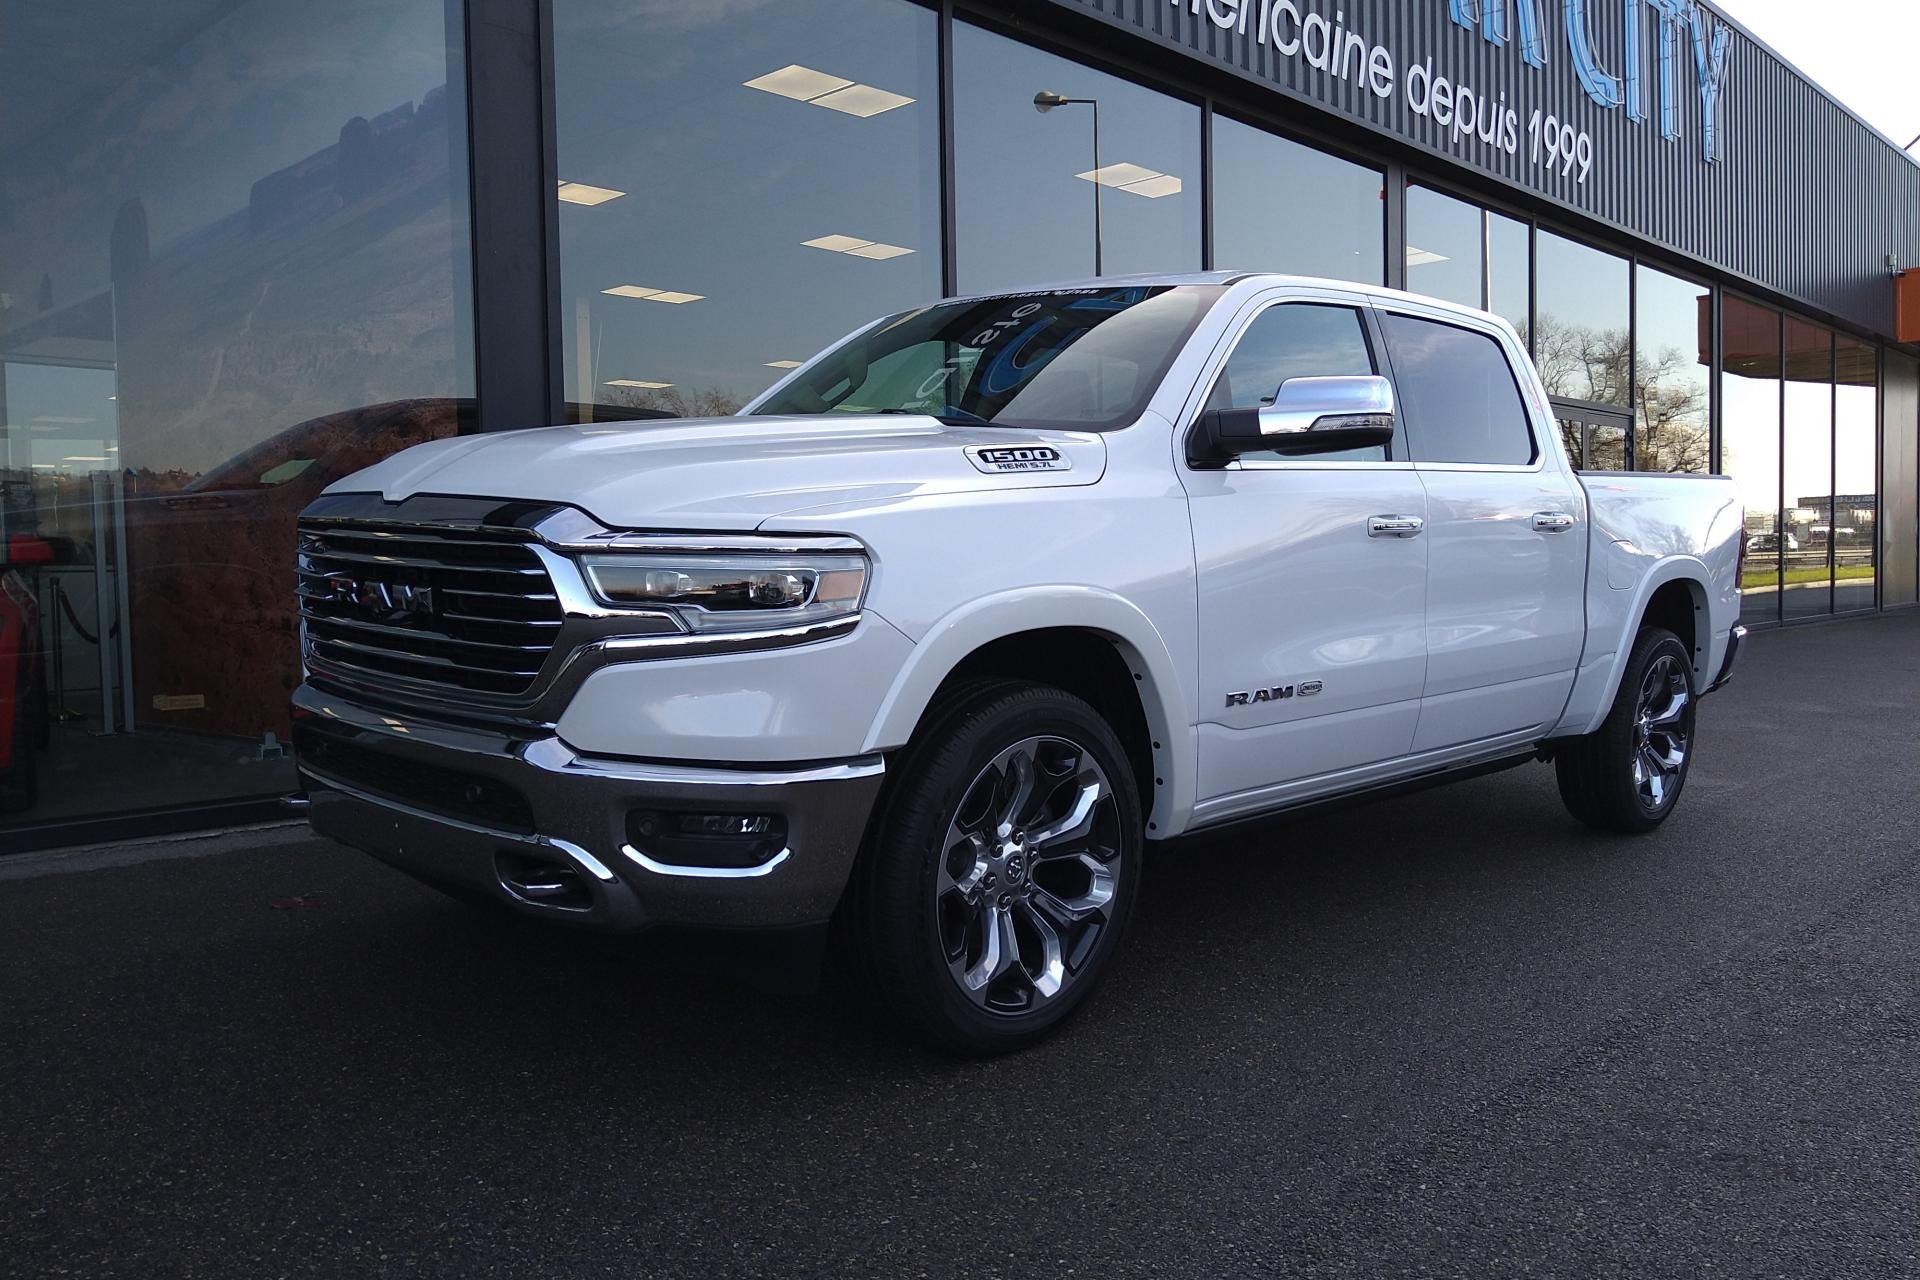 DODGE RAM 1500 CREW LONGHORN 2019